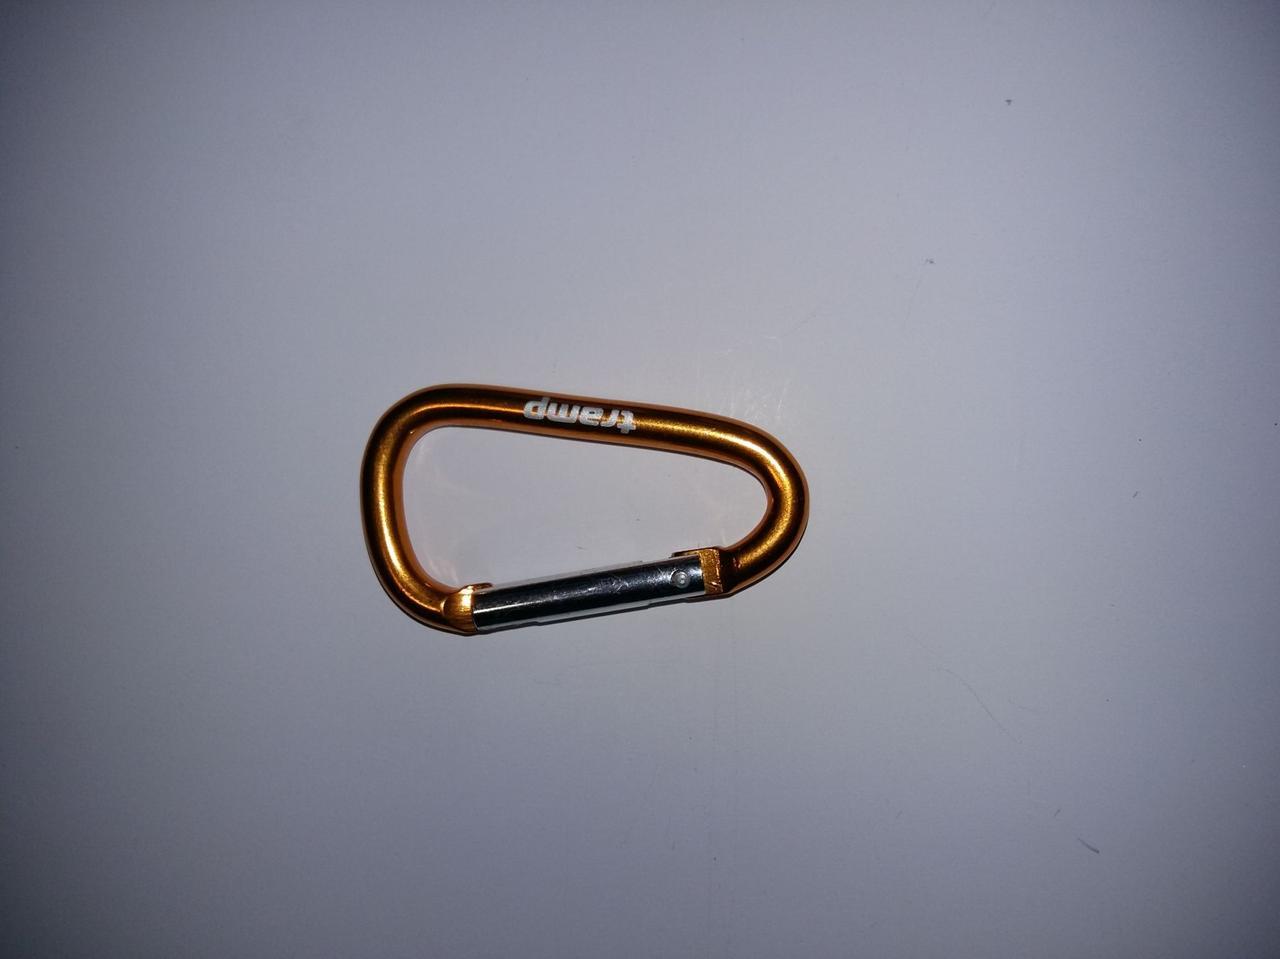 Карабін Tramp алюмінієвий, розмір 6 см, без муфти, жовтий арт.TRA-006